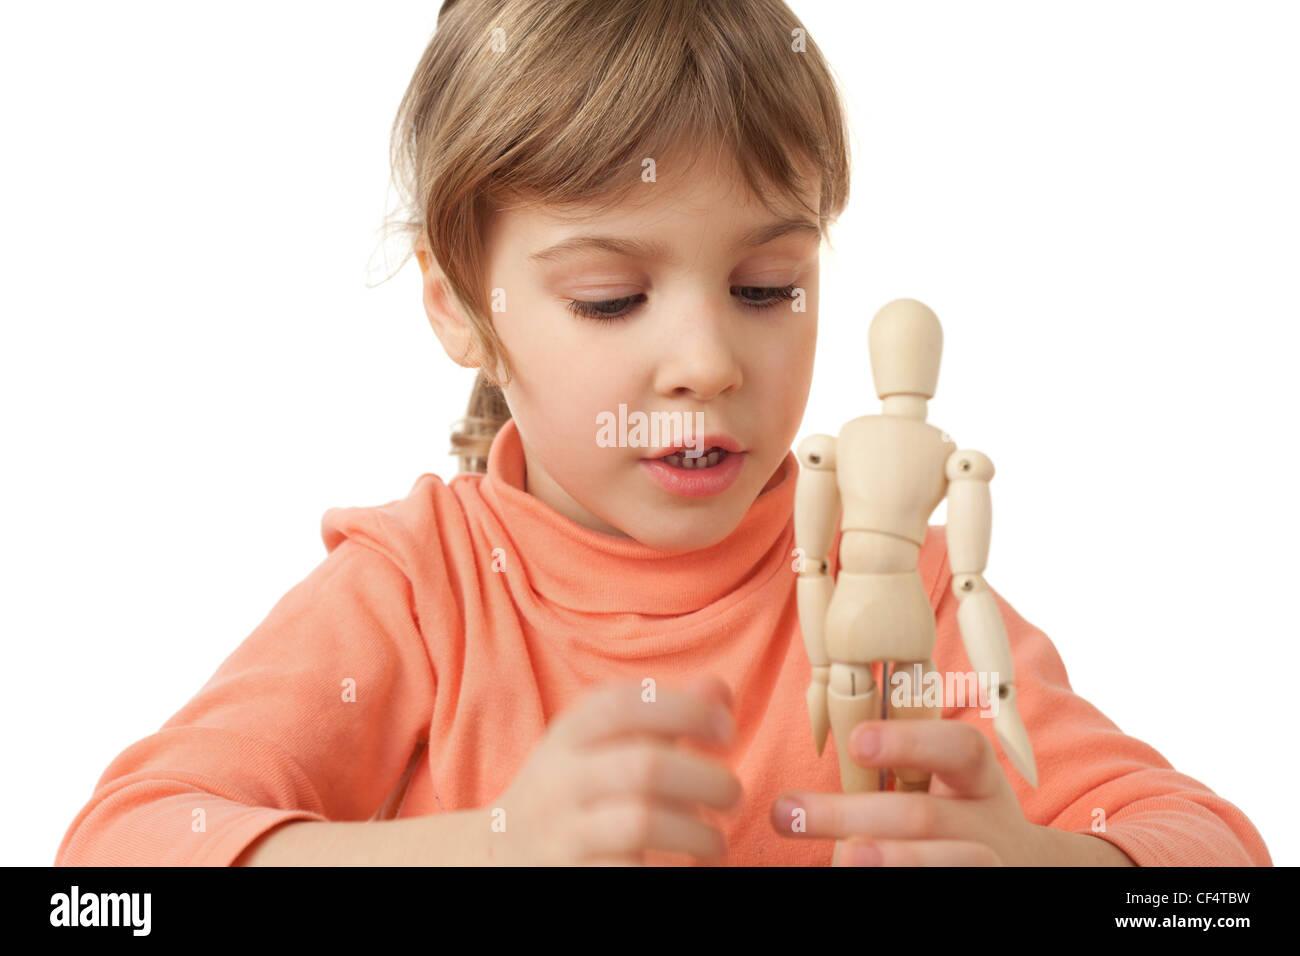 Graziosa bambina è svolto dal legno manichino poco isolato su sfondo bianco Immagini Stock